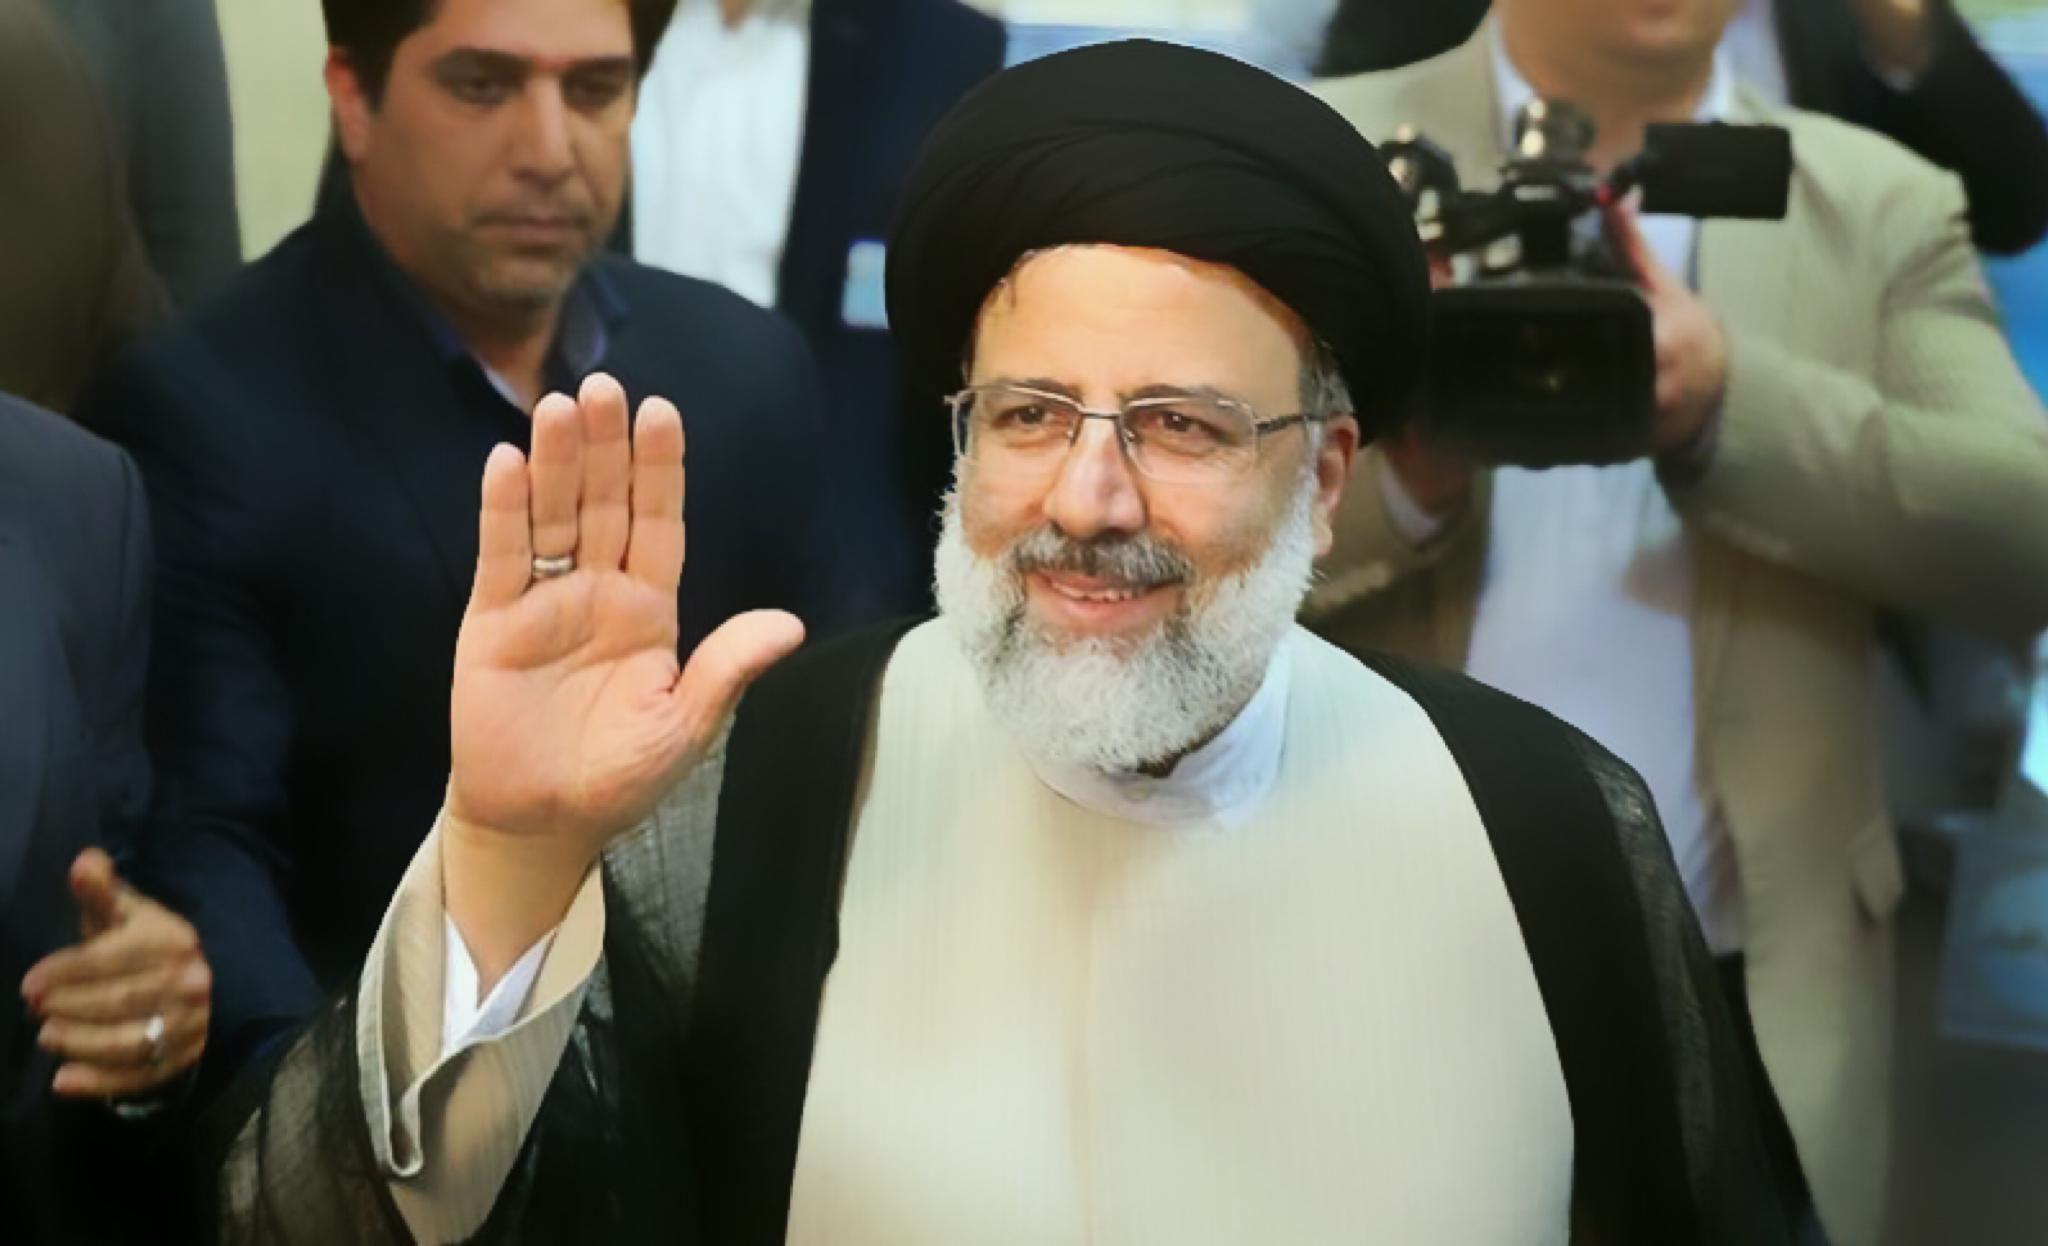 عراقیها در شبکههای اجتماعی به پیشواز آیتالله رئیسی رفتند